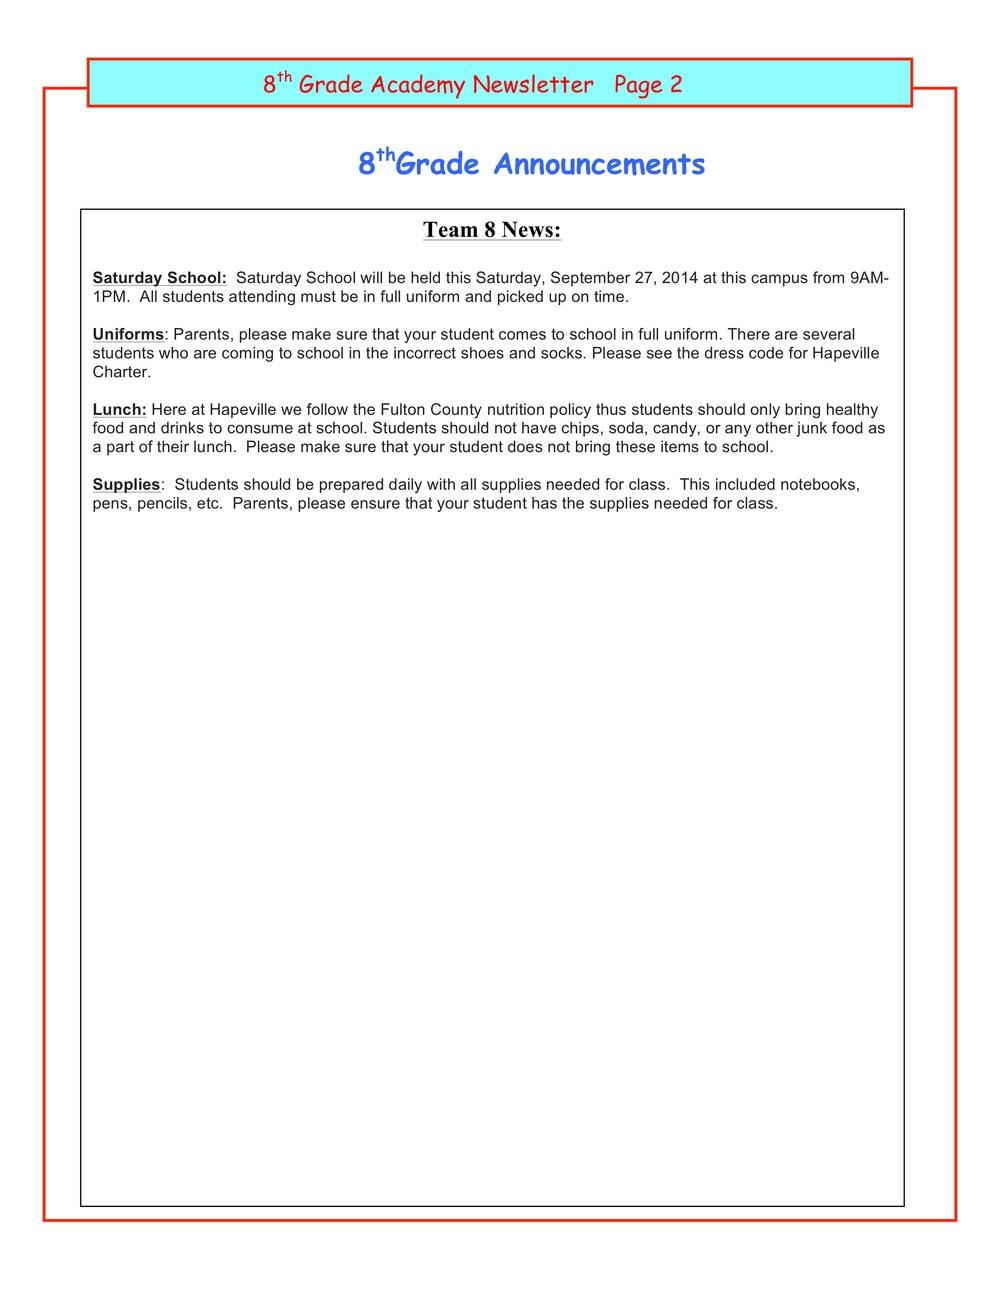 Newsletter Image8th grade September 22 2014 2.jpeg